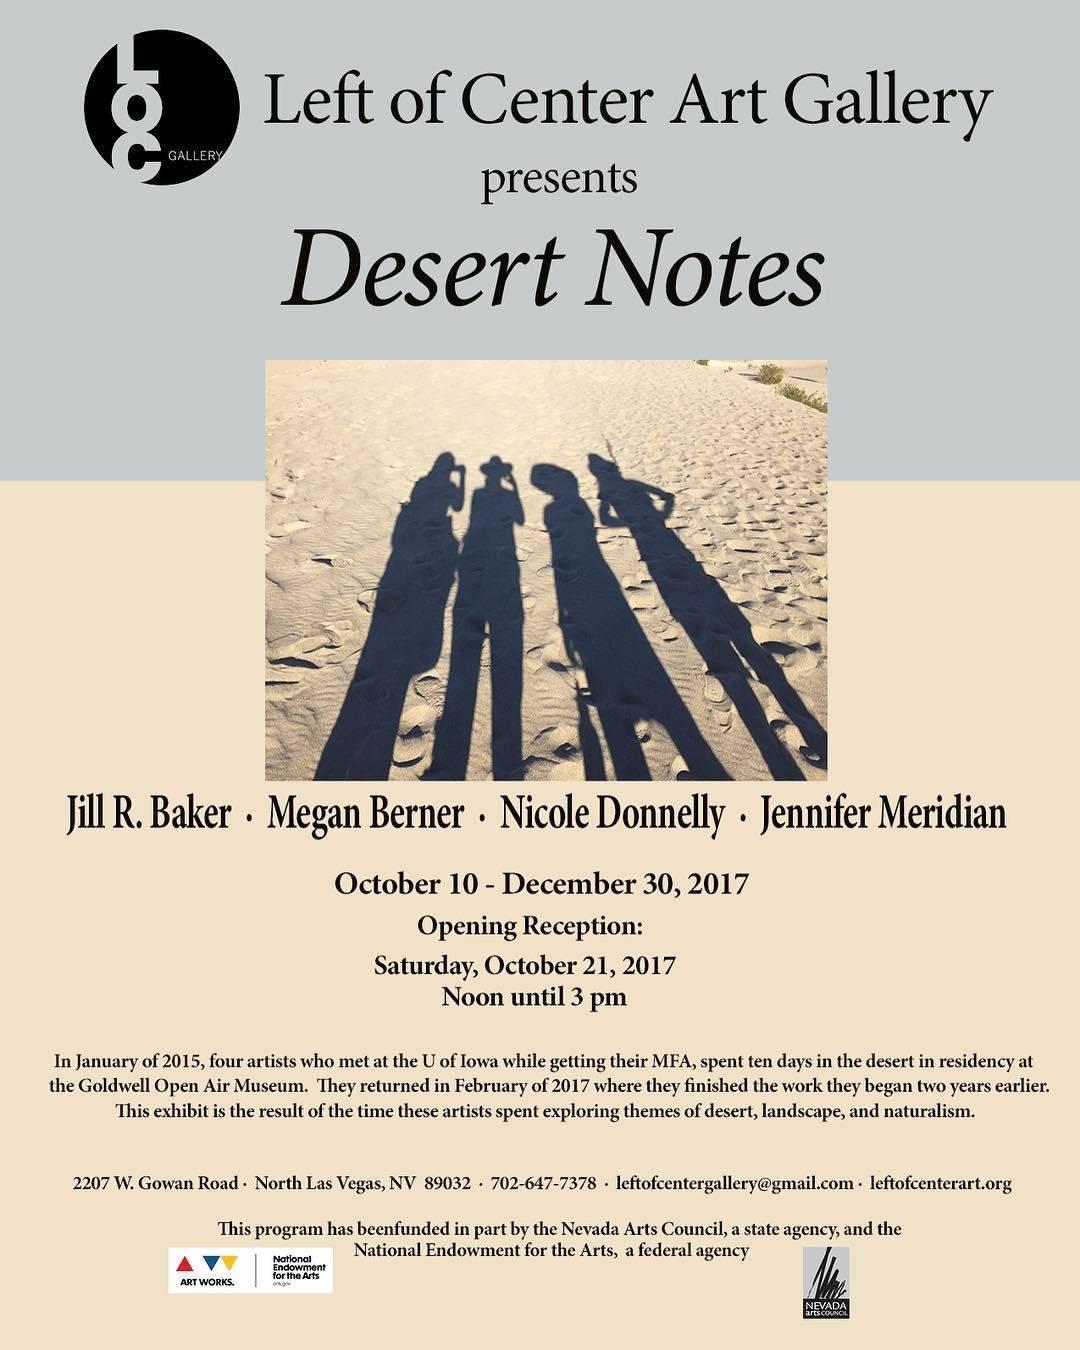 desert notes left of center.jpg